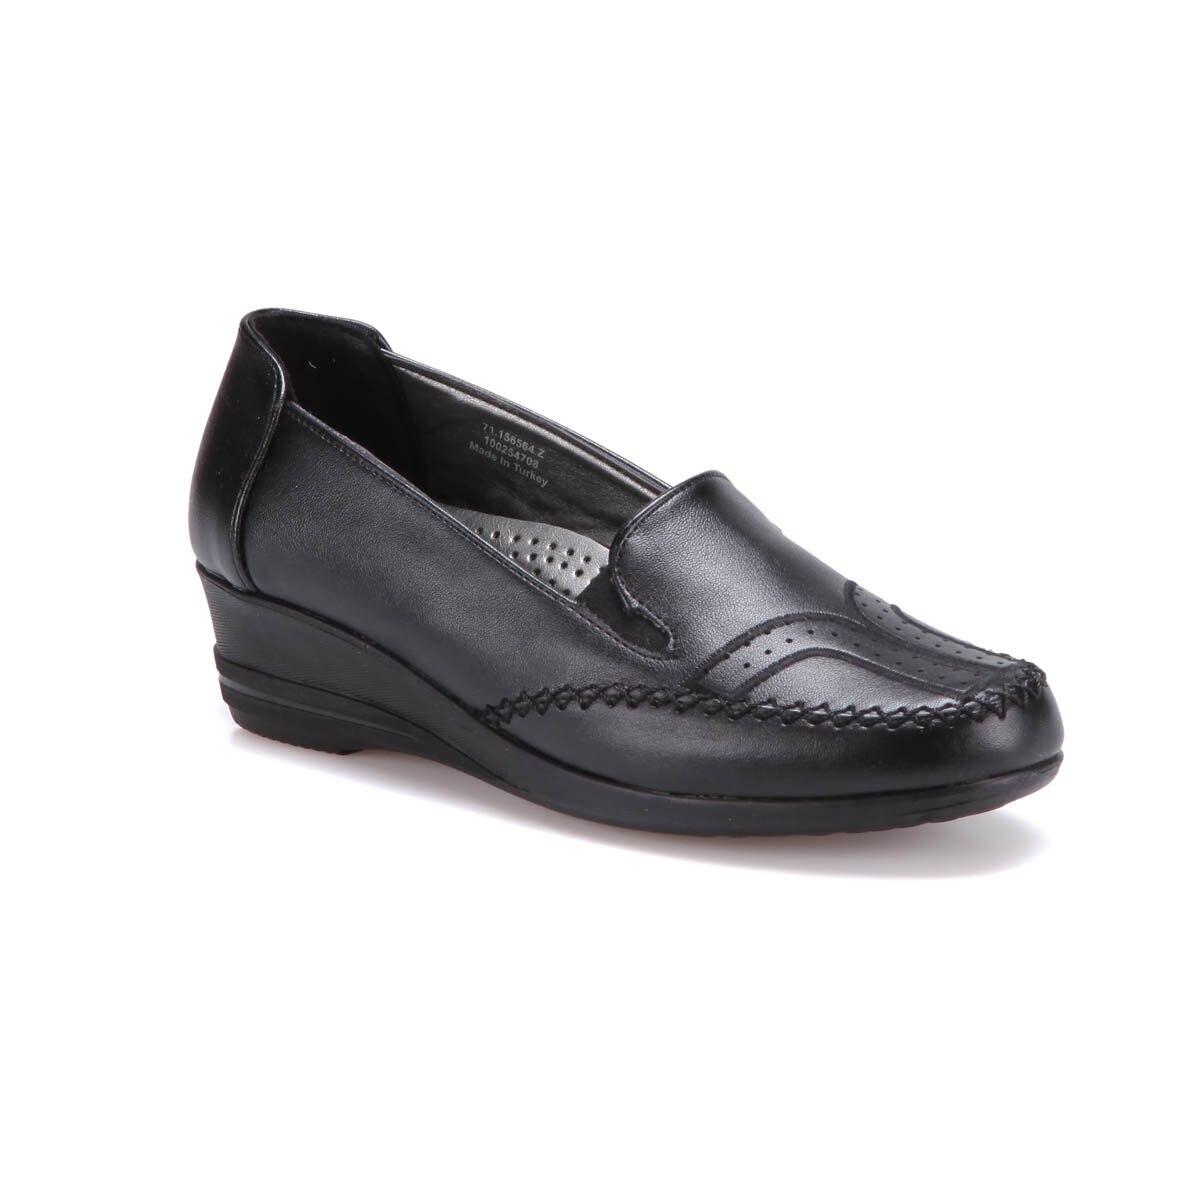 FLO 71.156564.Z Black Women 'S Classic Shoes Polaris